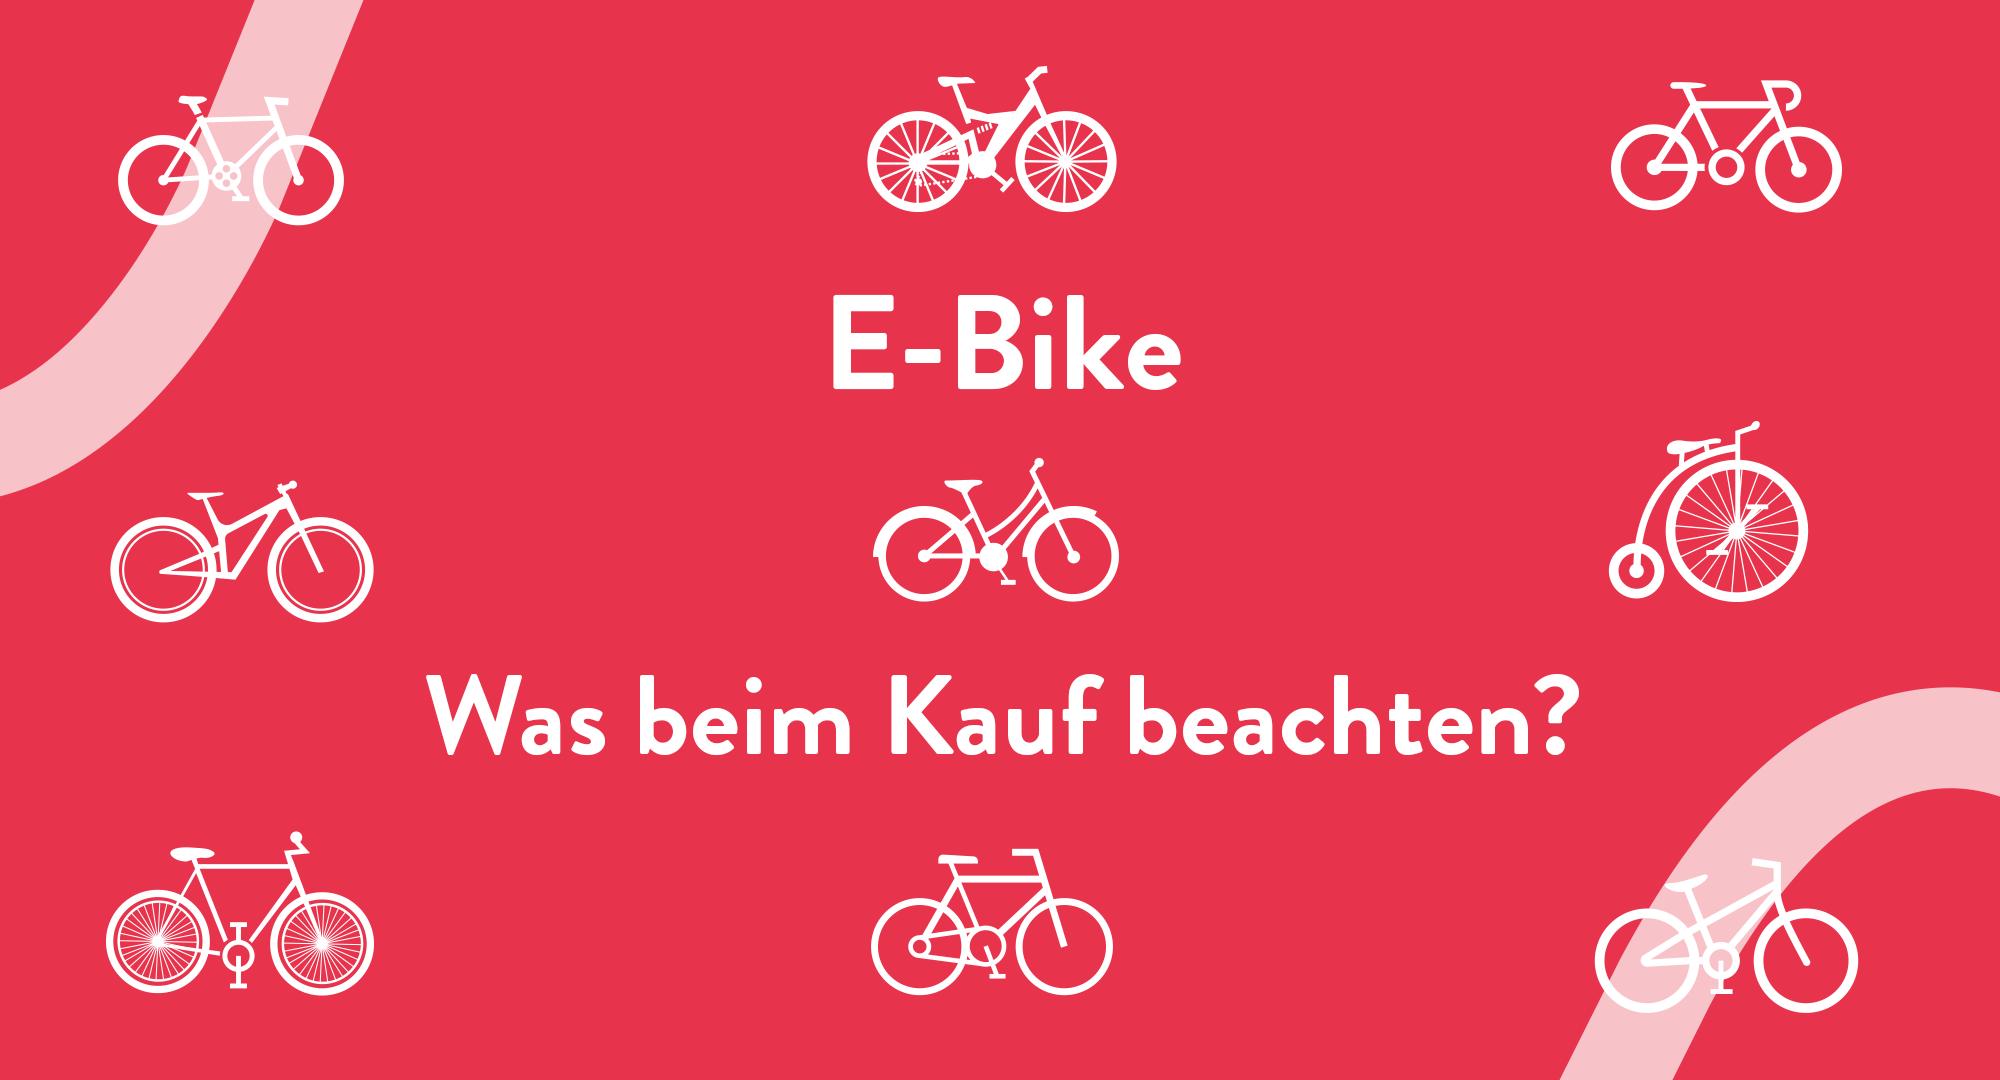 Rote Grafik mit Fahrrad Smybolen mit Überschrift E-Bike: Was beim Kauf beachten?